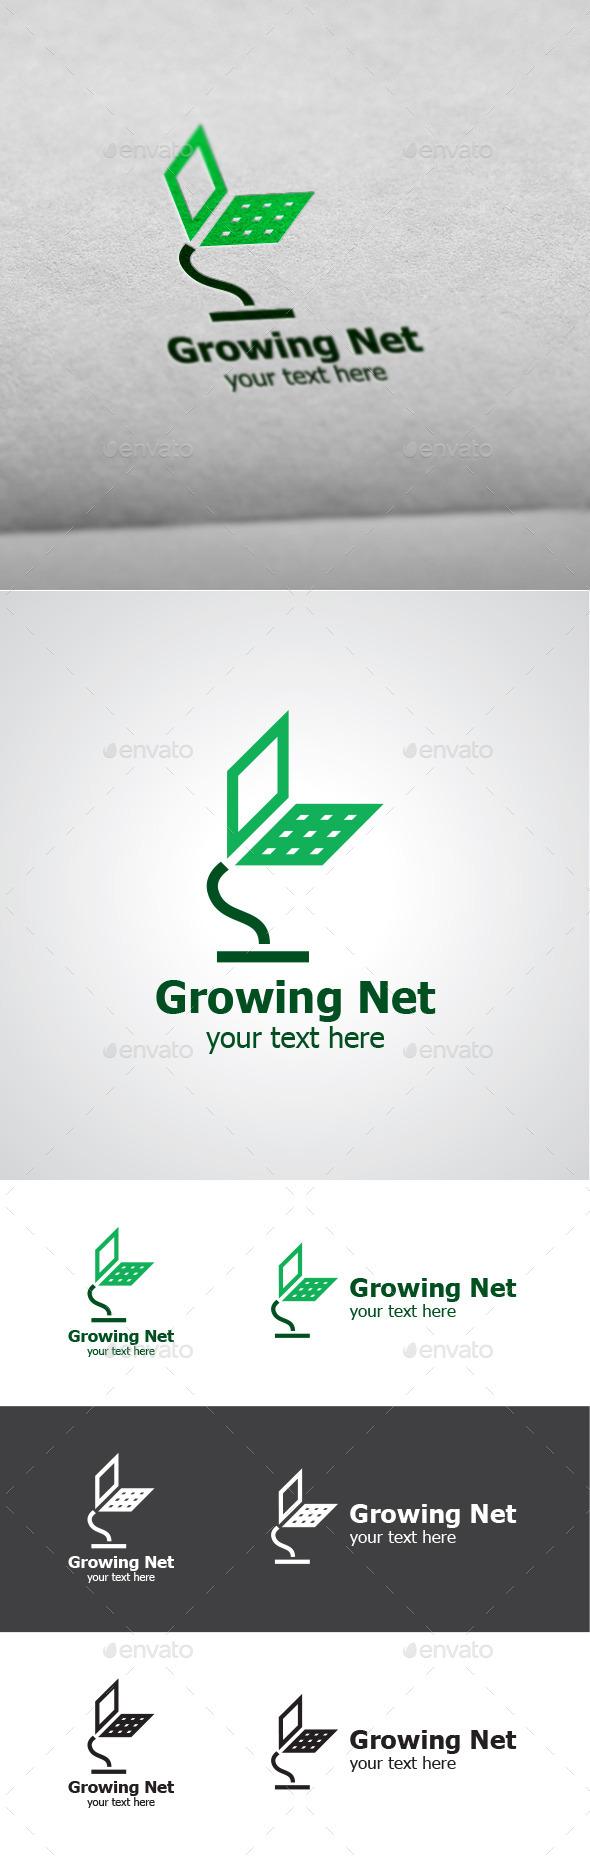 Growing Net Vector Logo Design